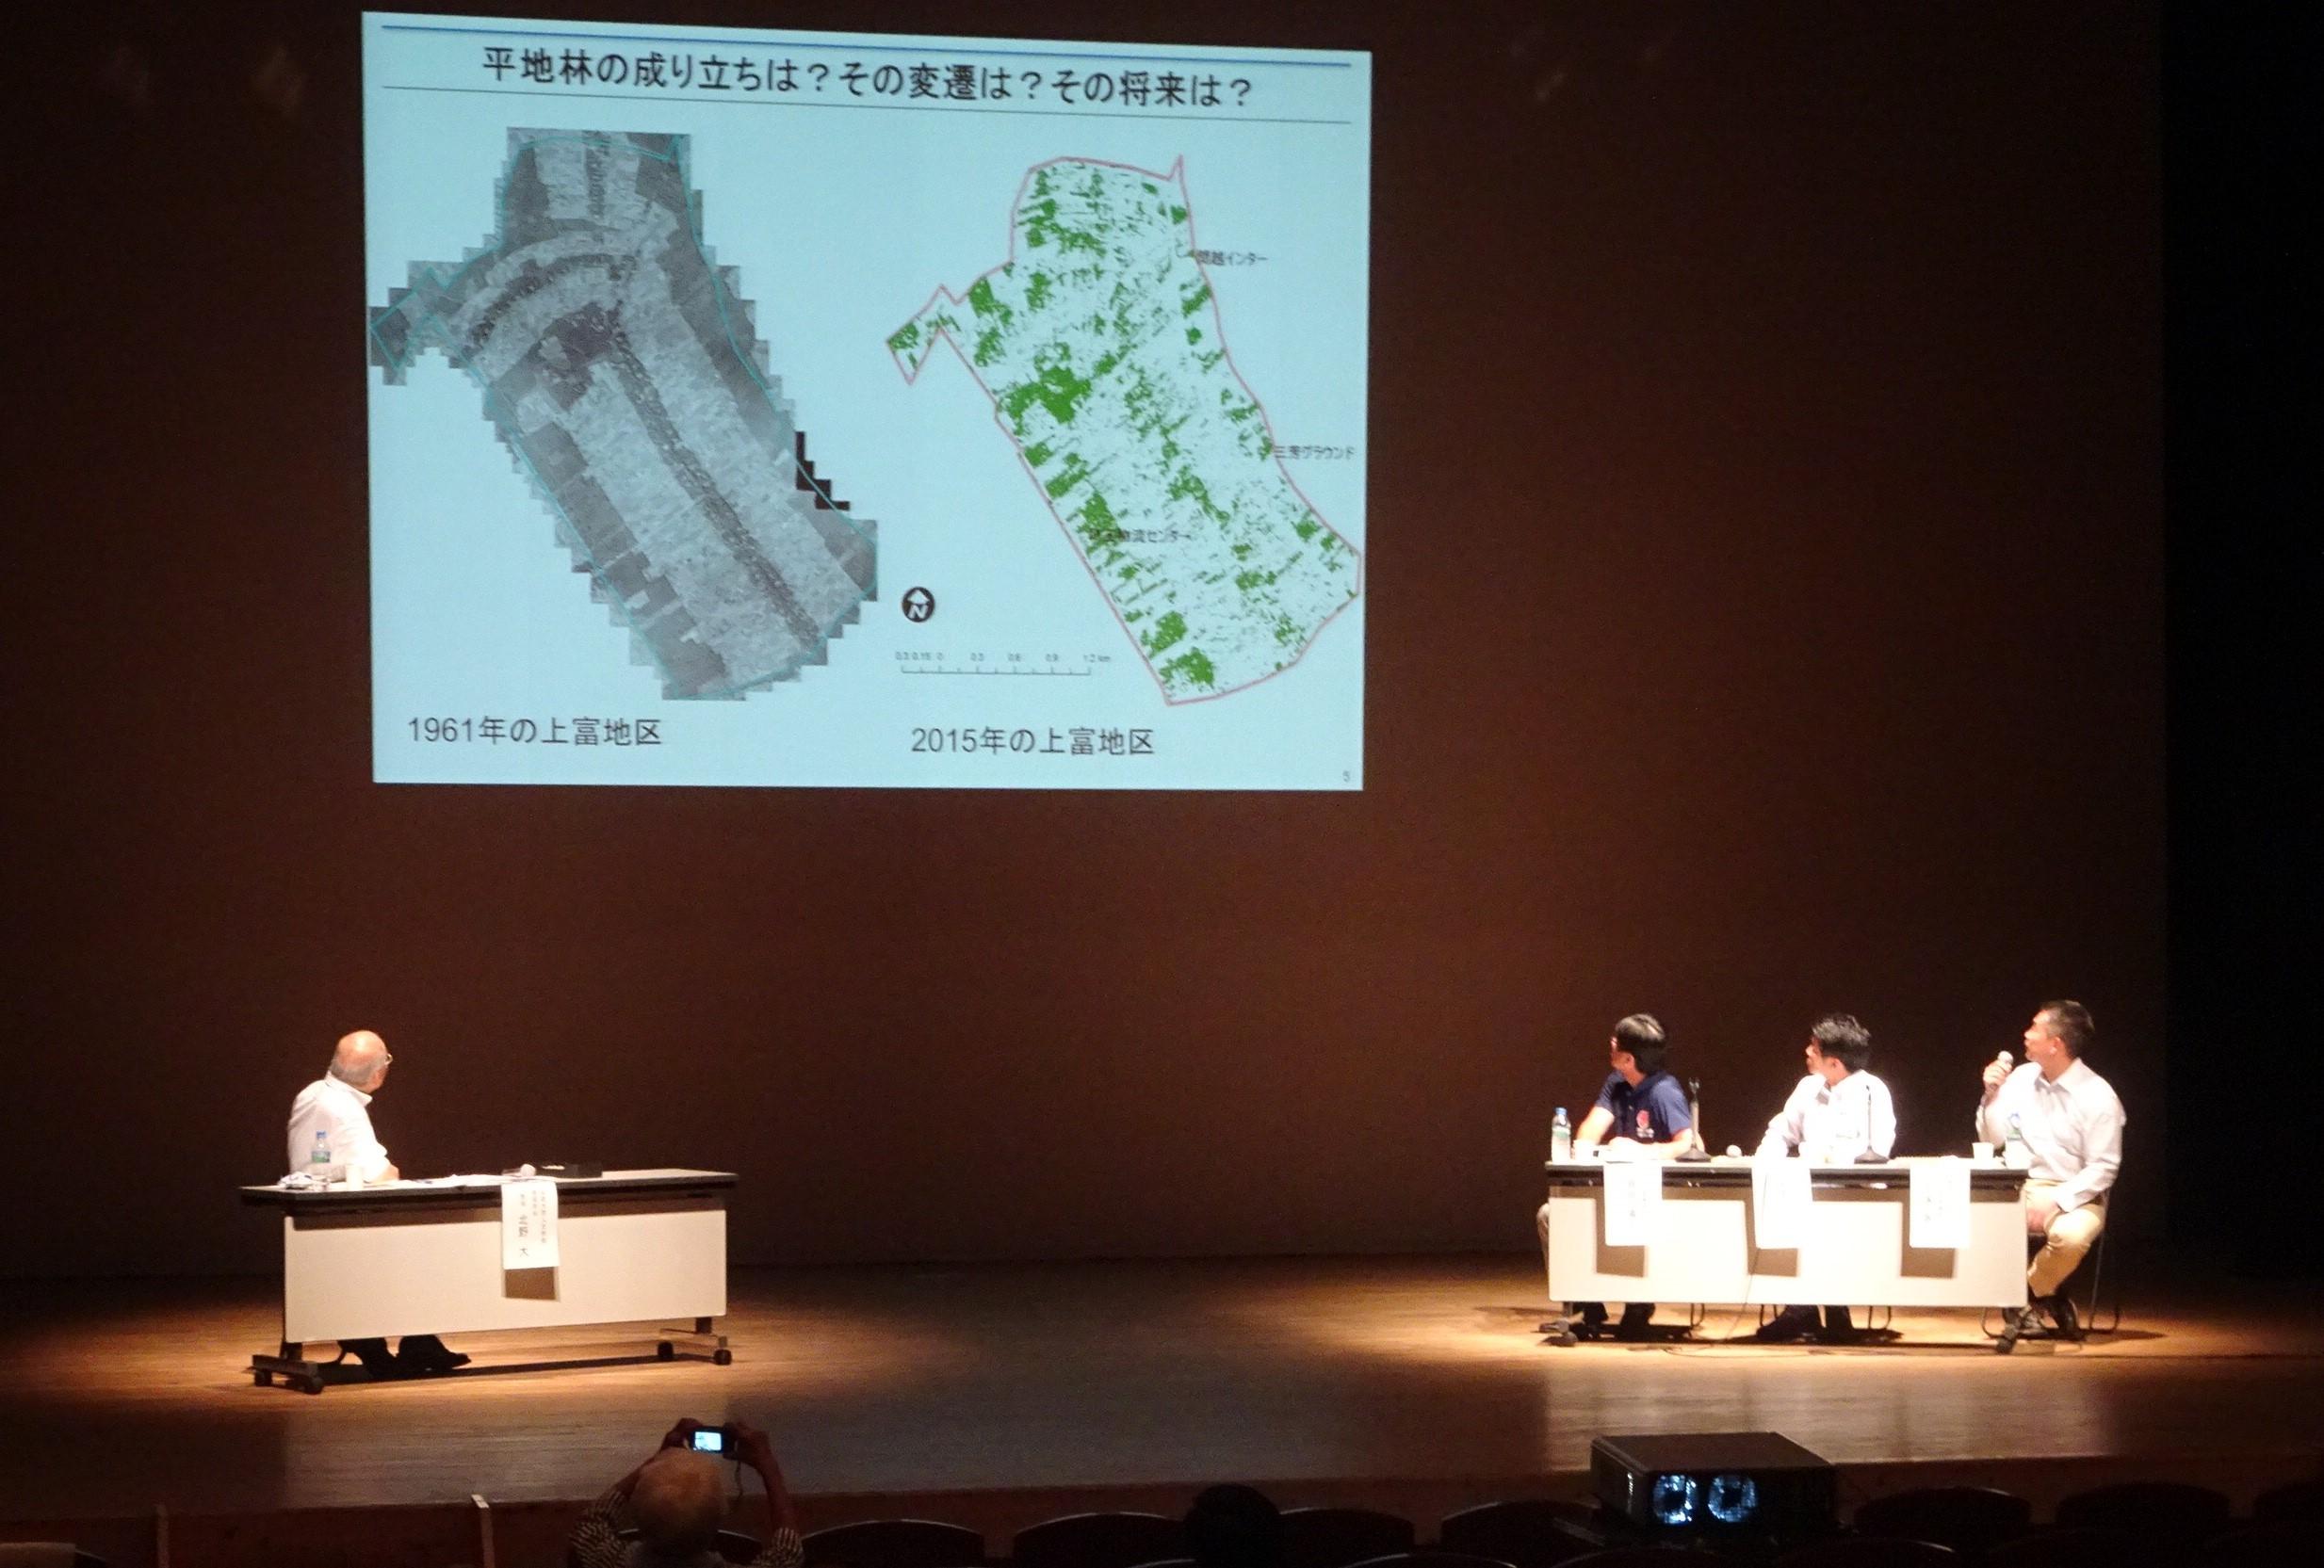 三富地域に伝わる循環型農業を考えるシンポジウム